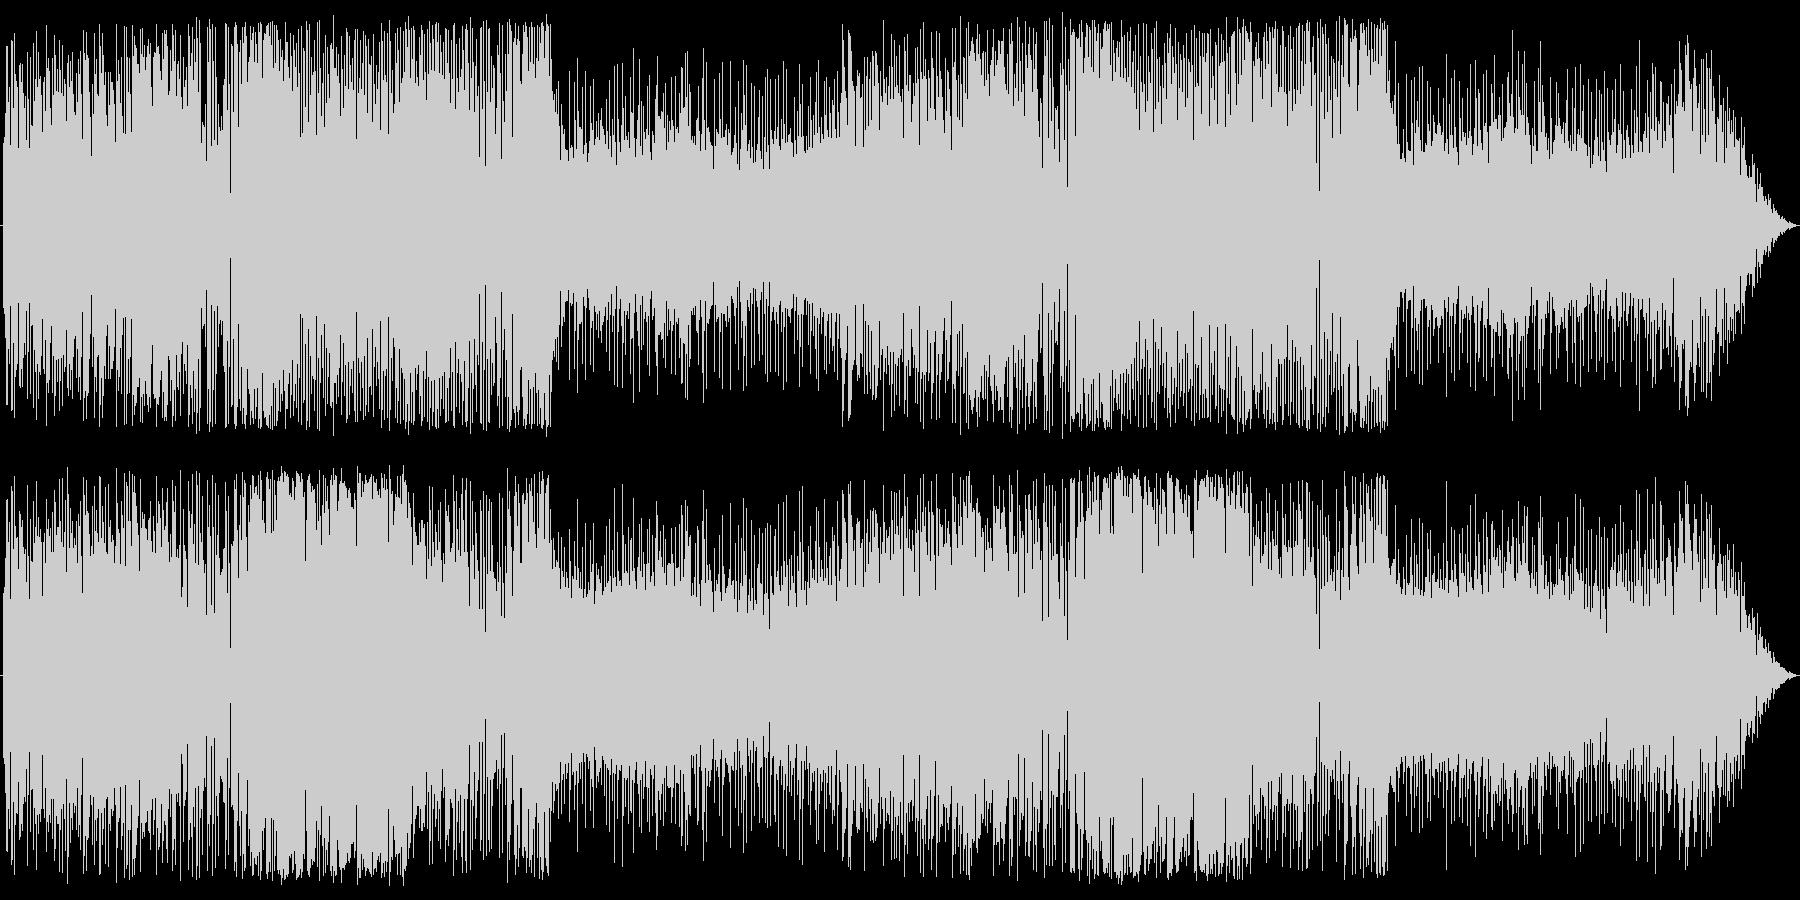 アコーディオンとチェロの港町らしい曲の未再生の波形